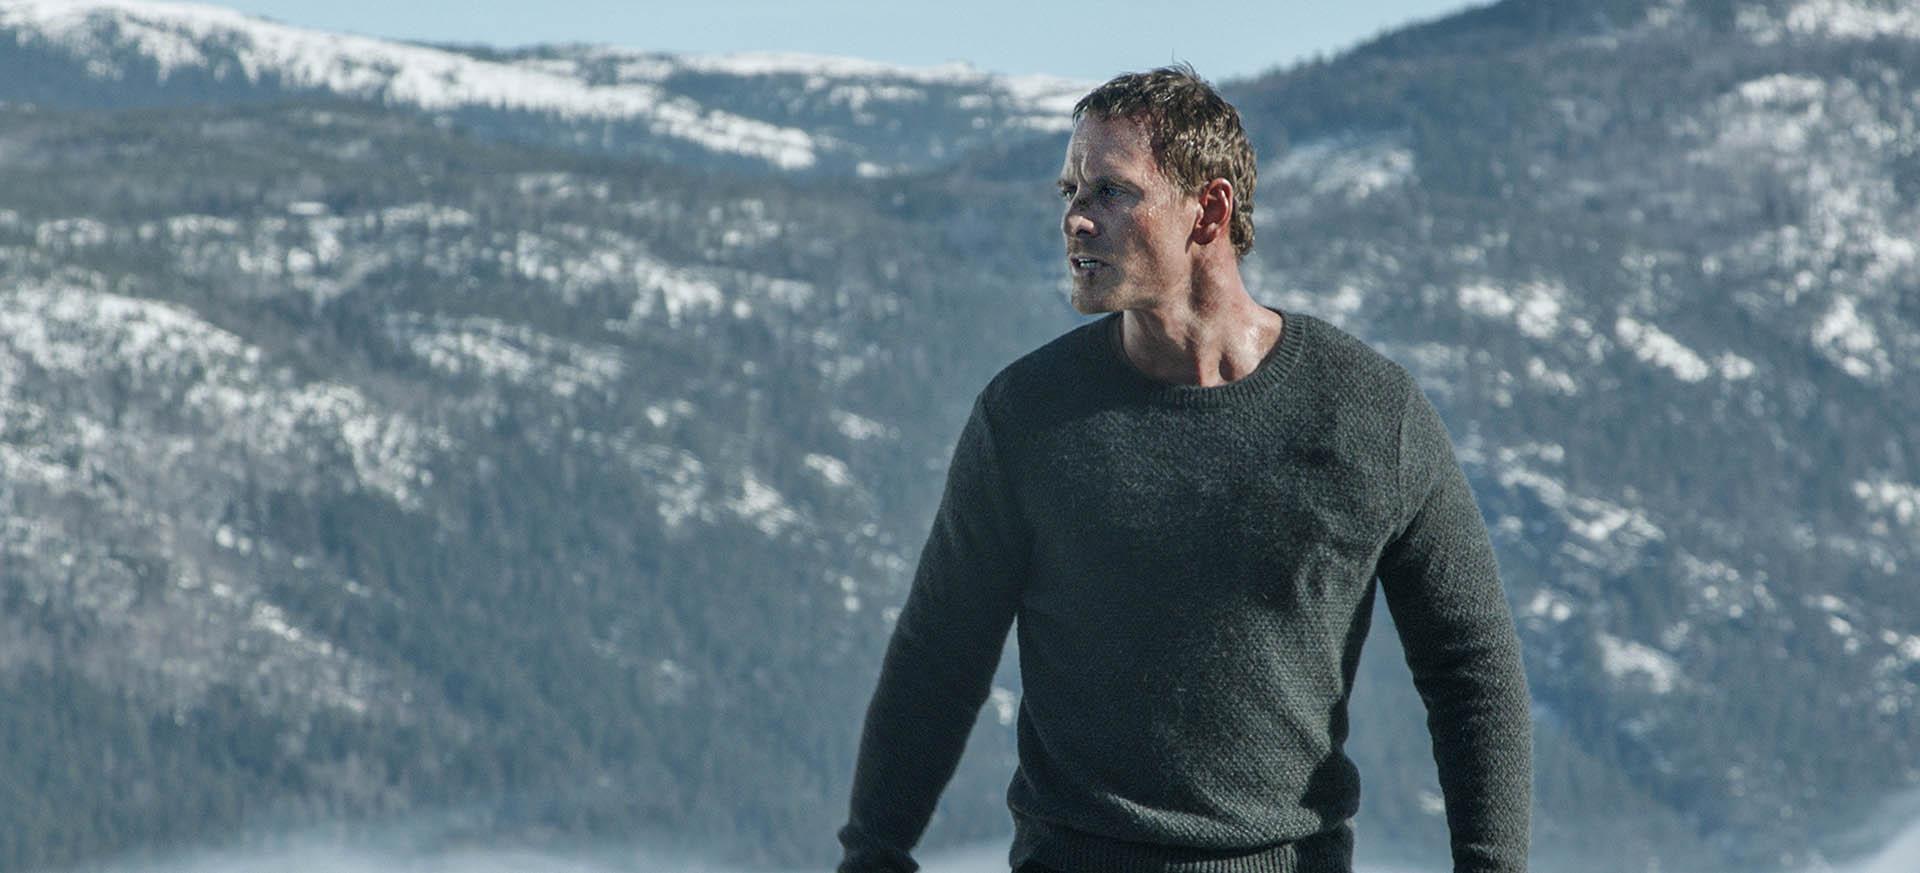 L'uomo di neve - CineFatti